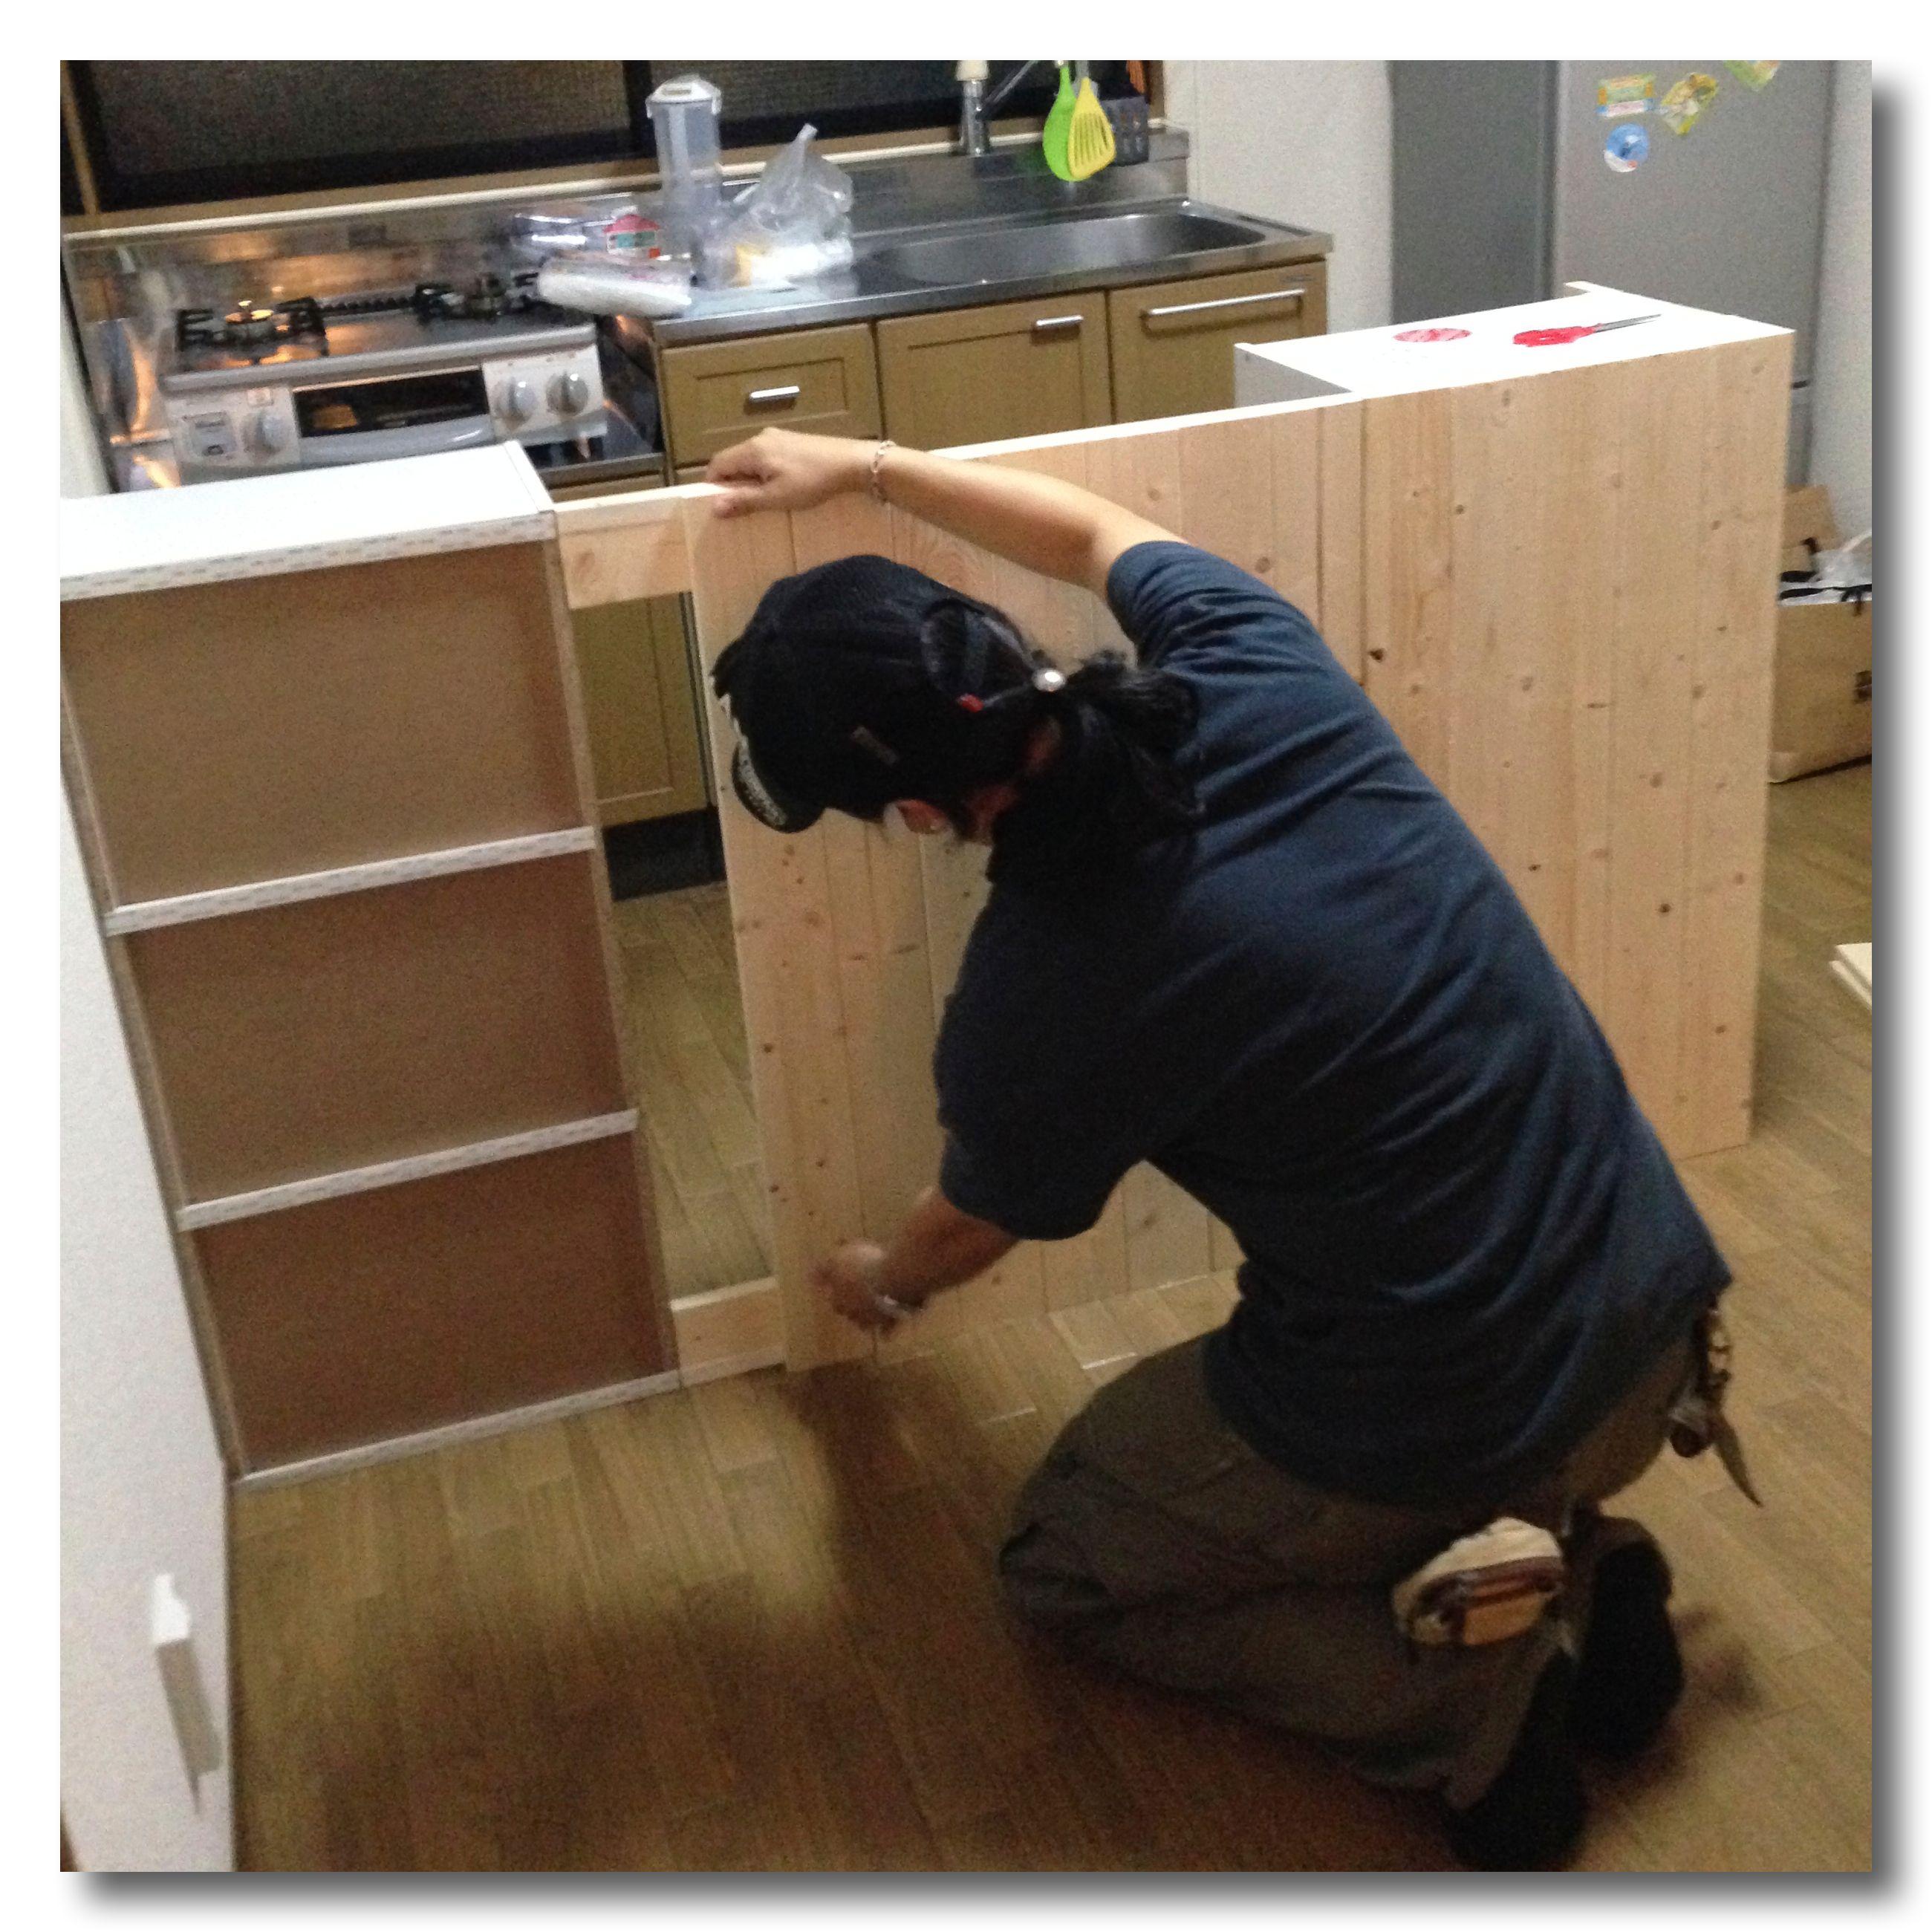 材料費2670円の自作キッチンカウンター Vol 2 組み立て編 狭い